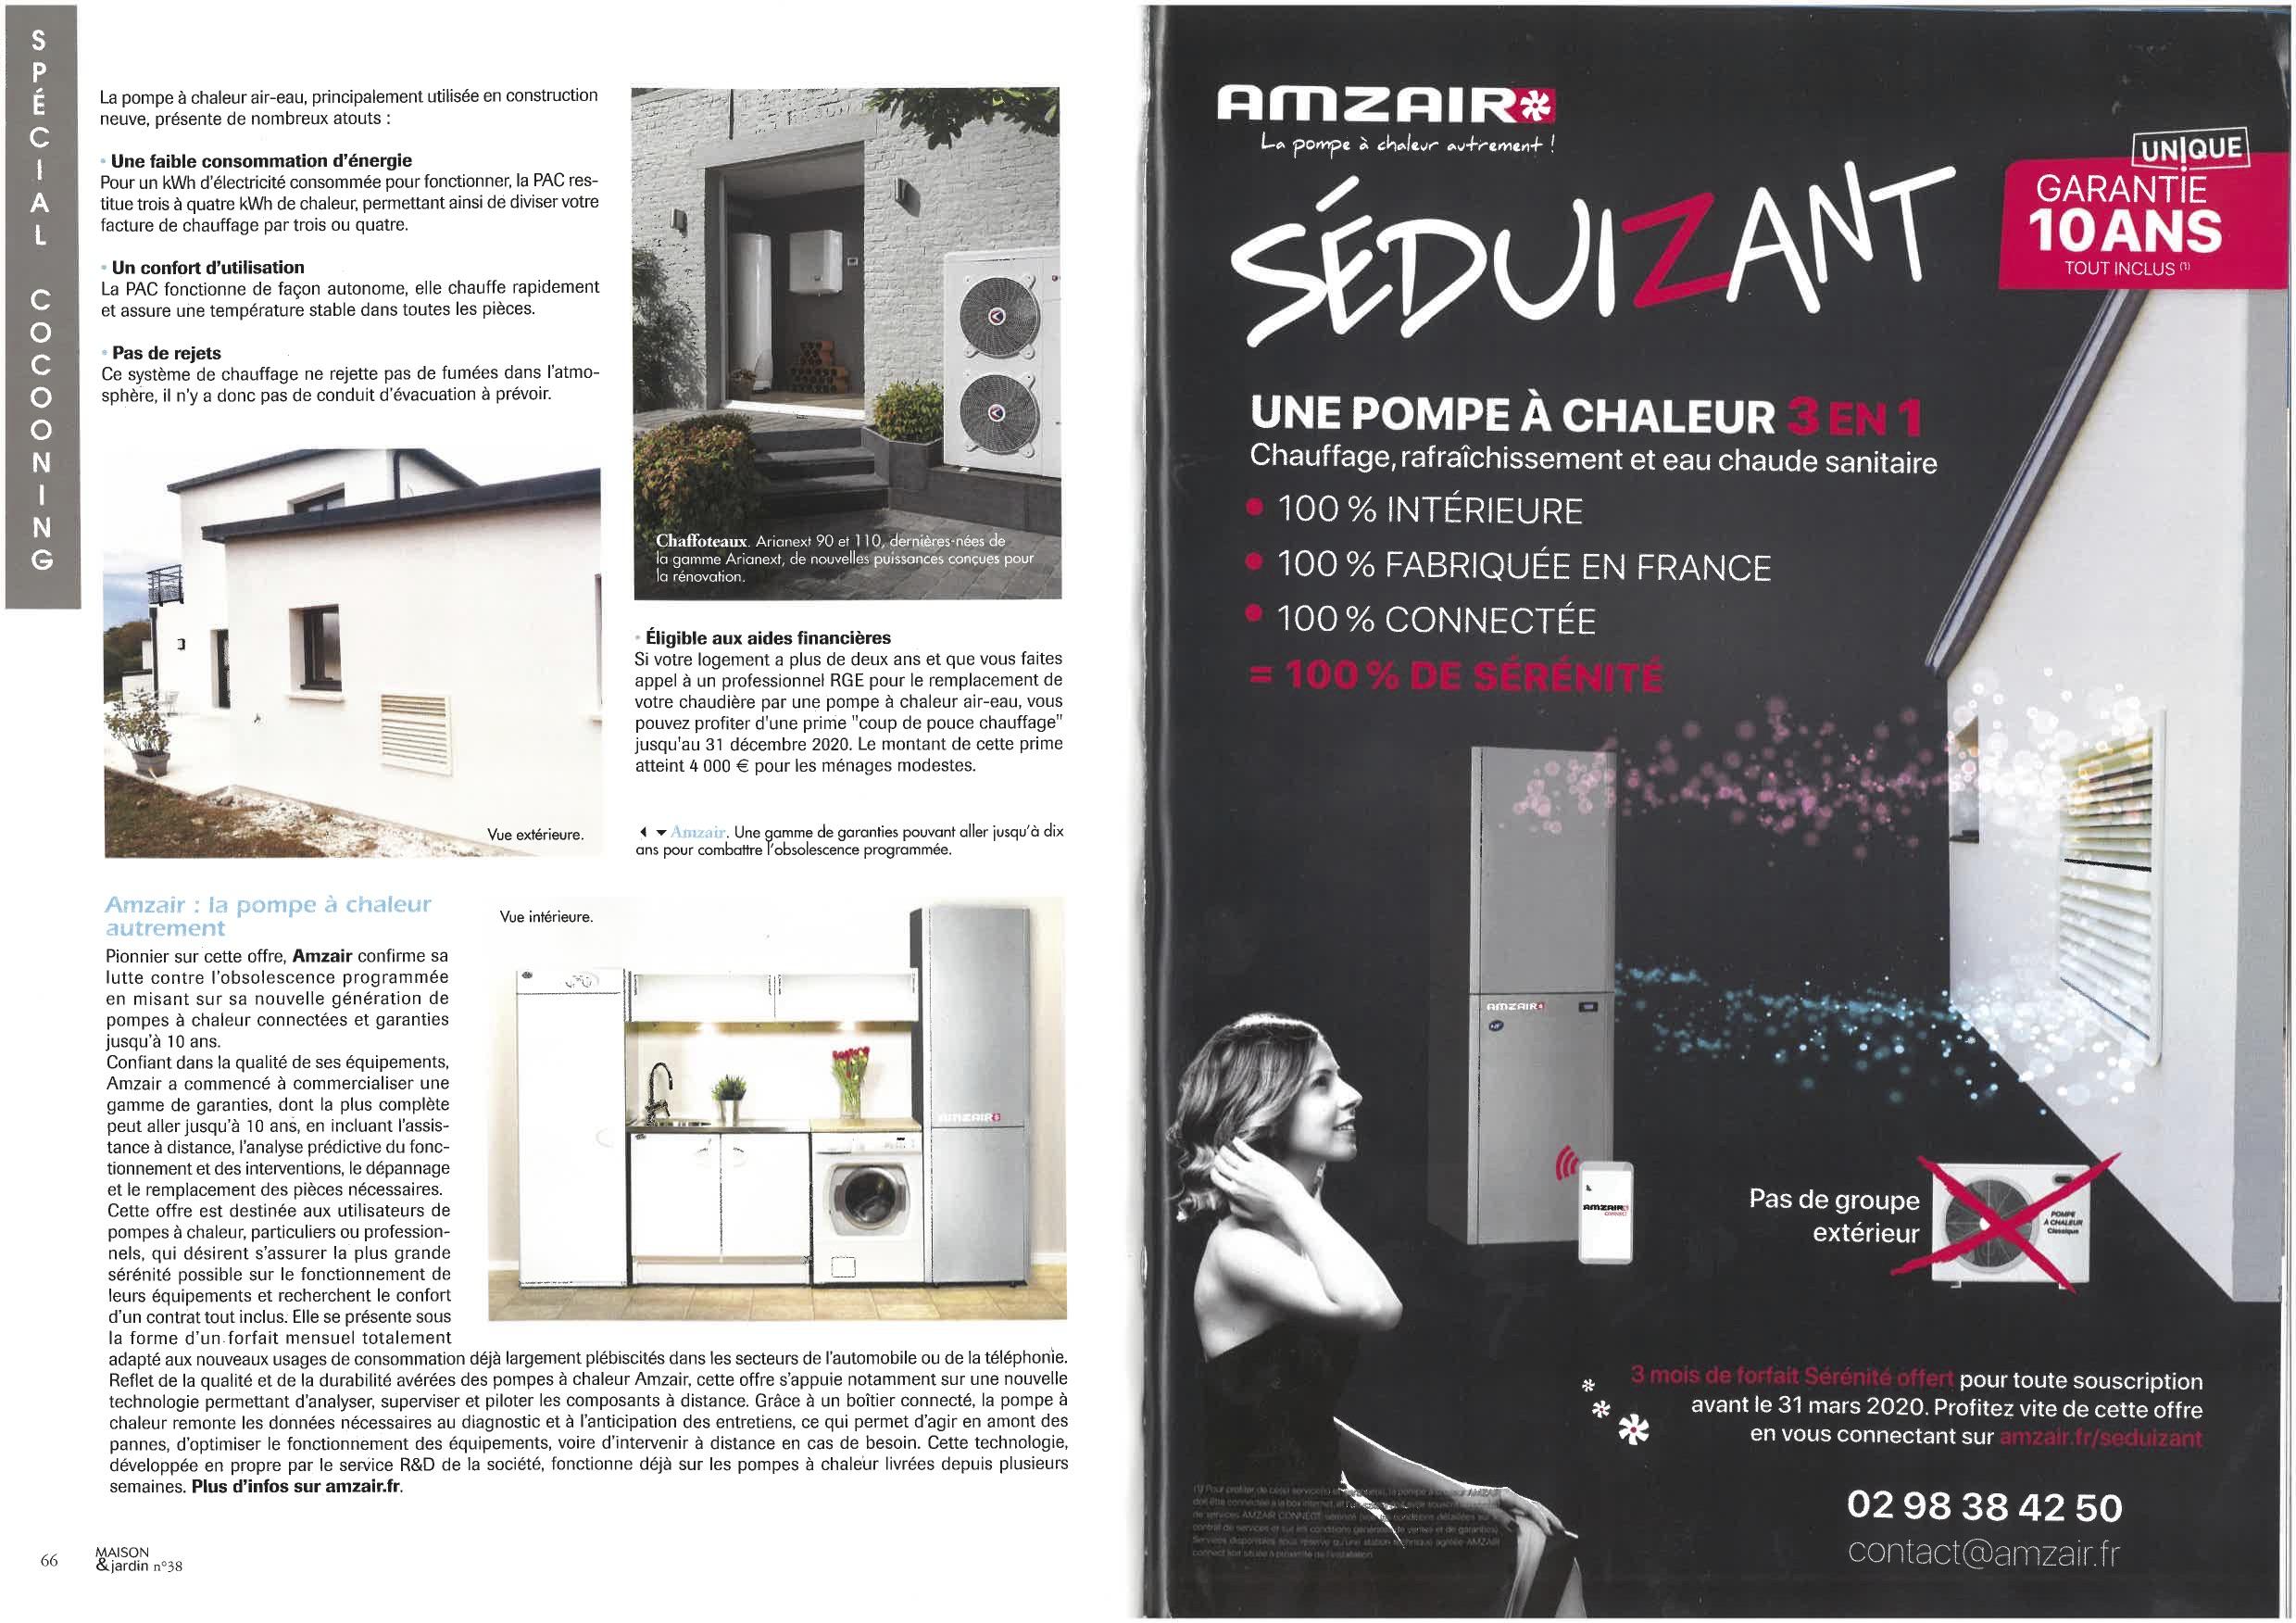 AMZAIR pompe à chaleur Magazine Maison & Jardin publicité